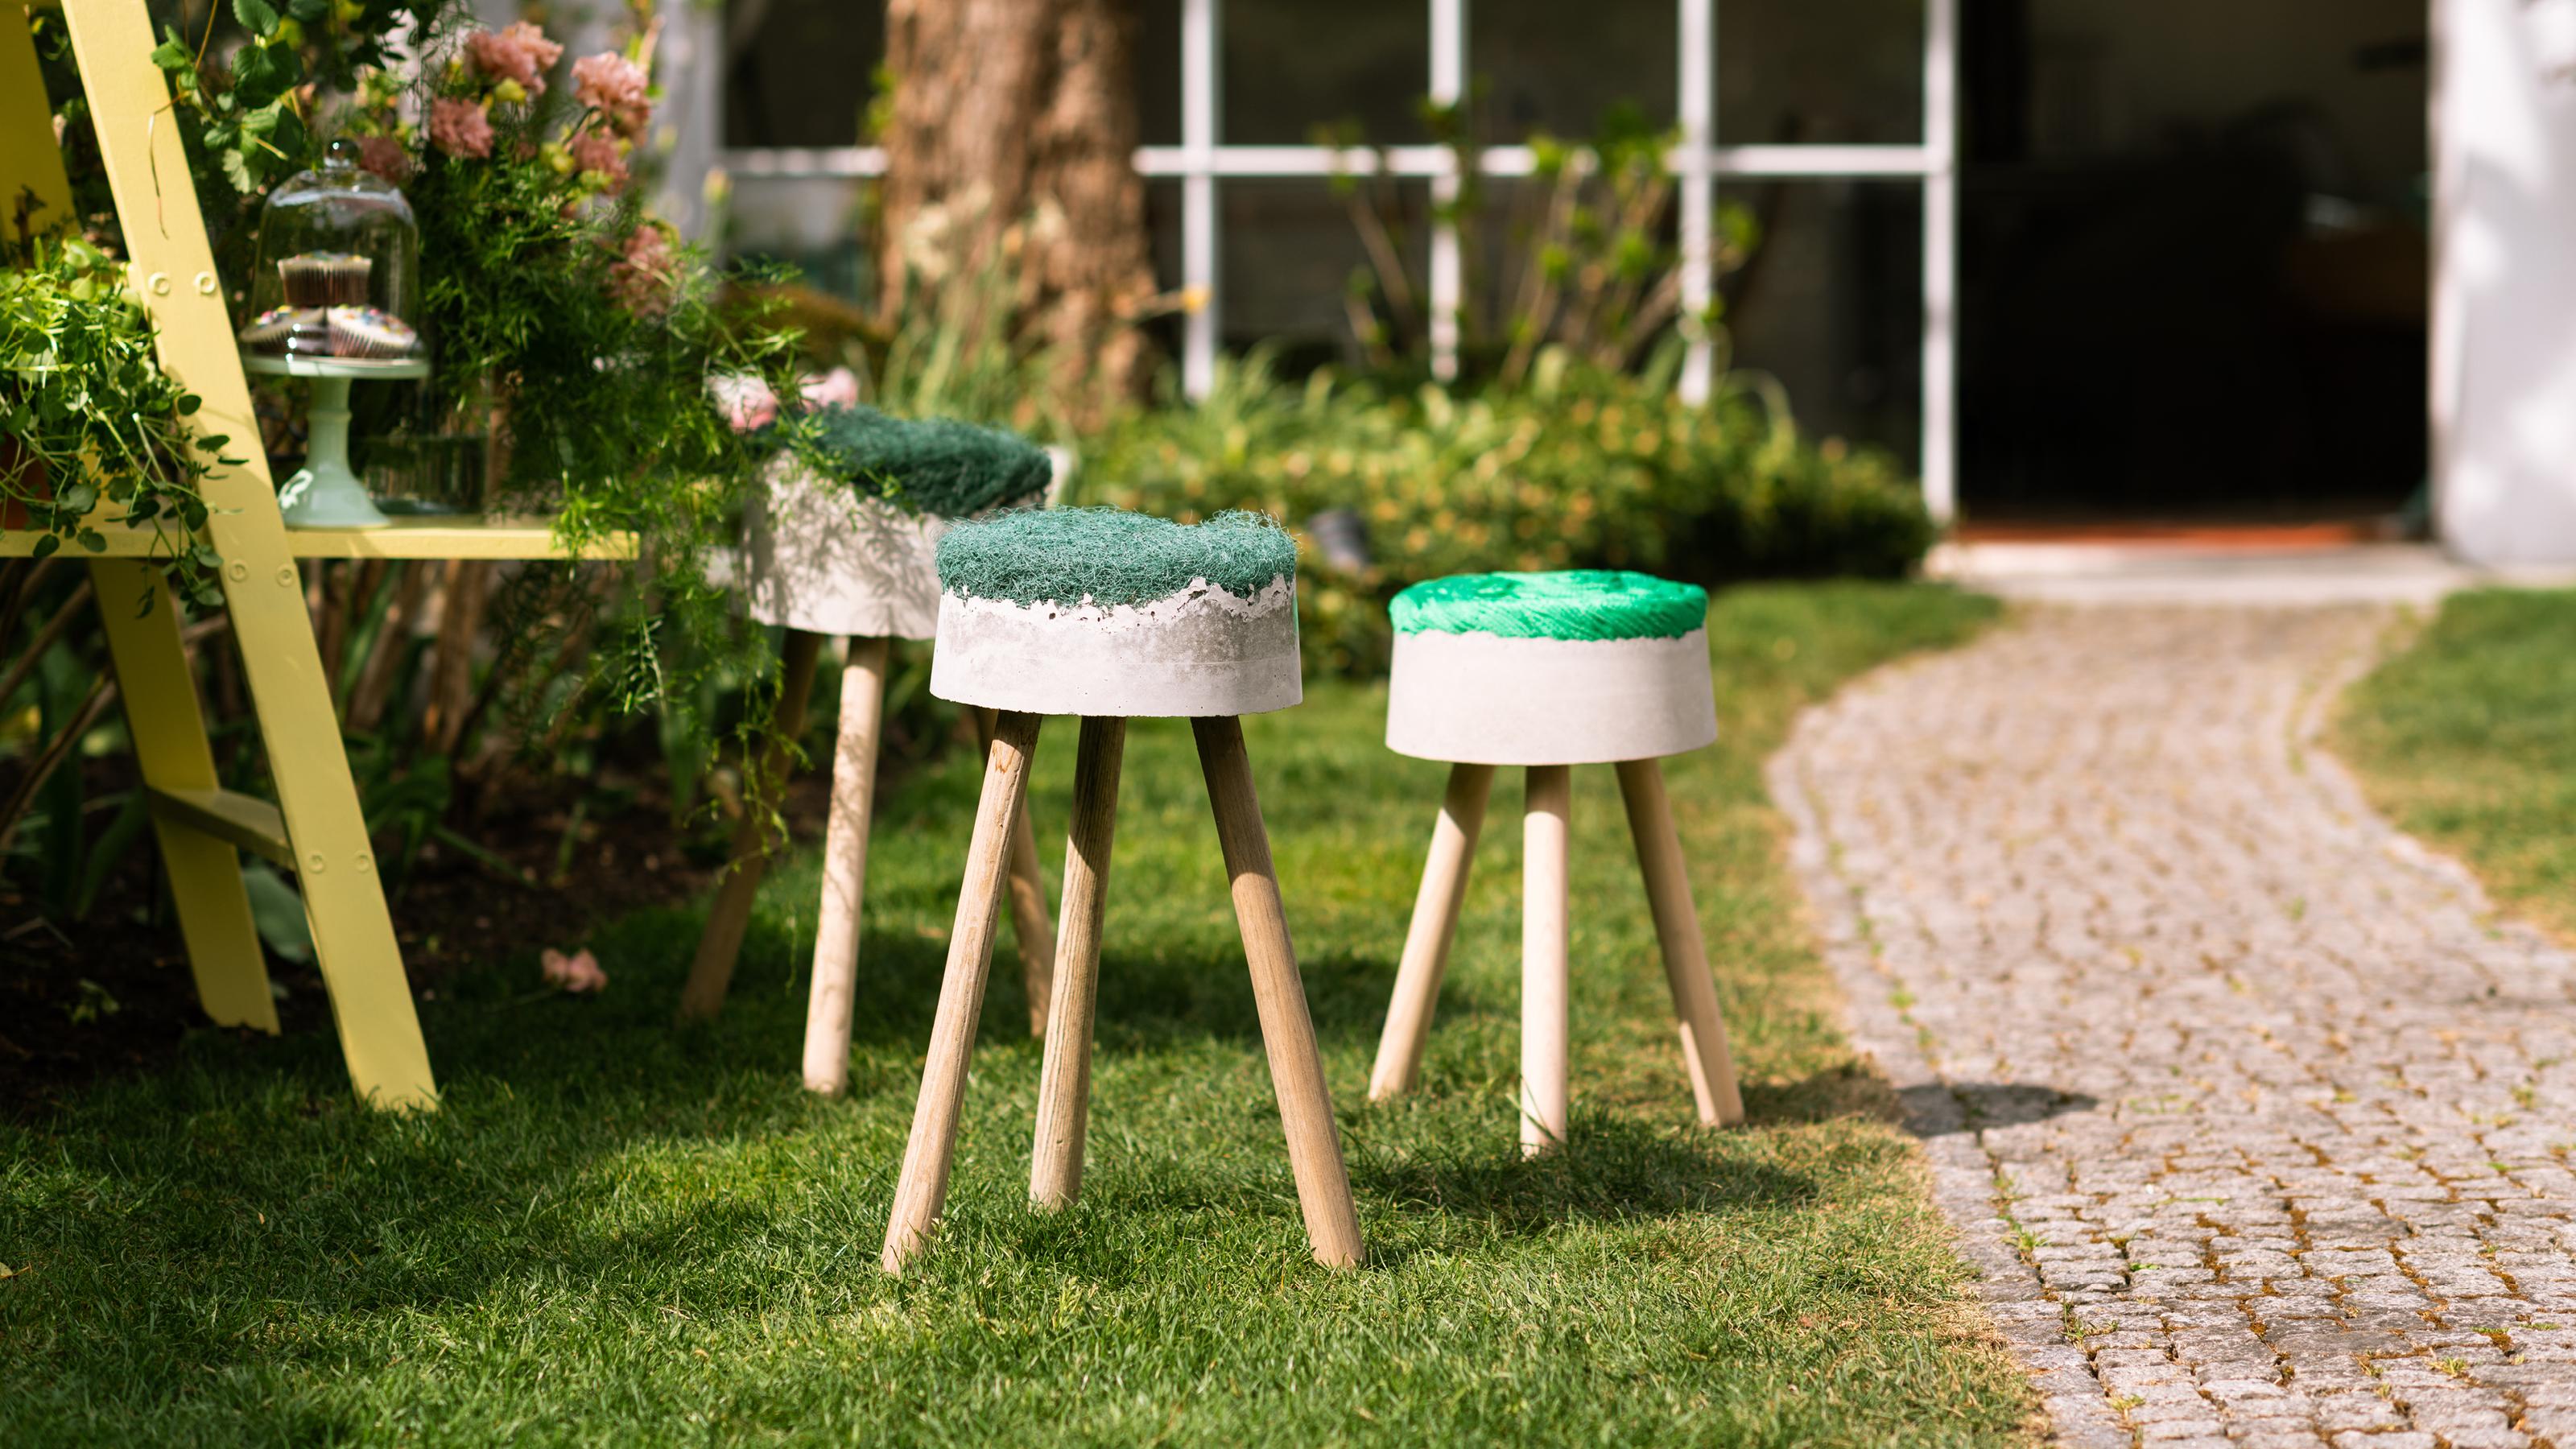 Betonhocker Selber Bauen Upcycling Mit Fischernetz Bosch Diy